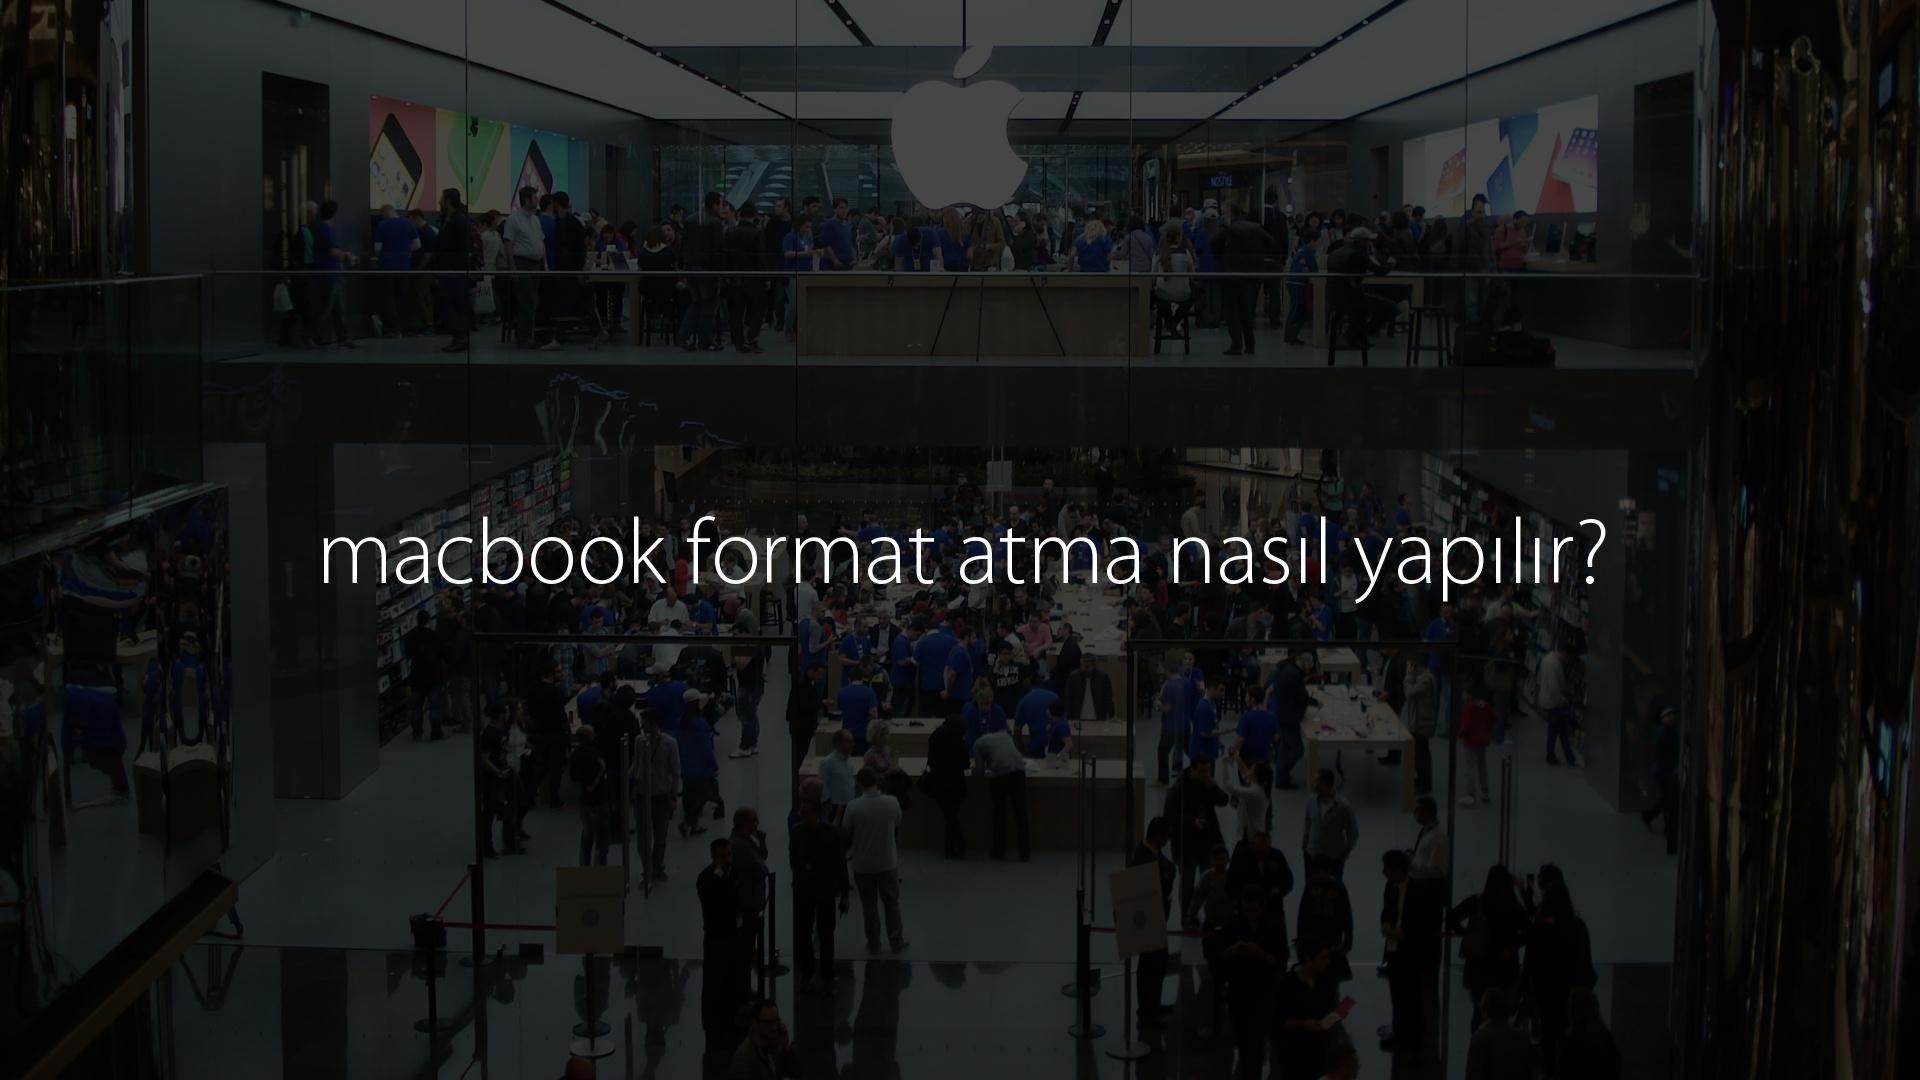 macbook format atma nasıl yapılır?